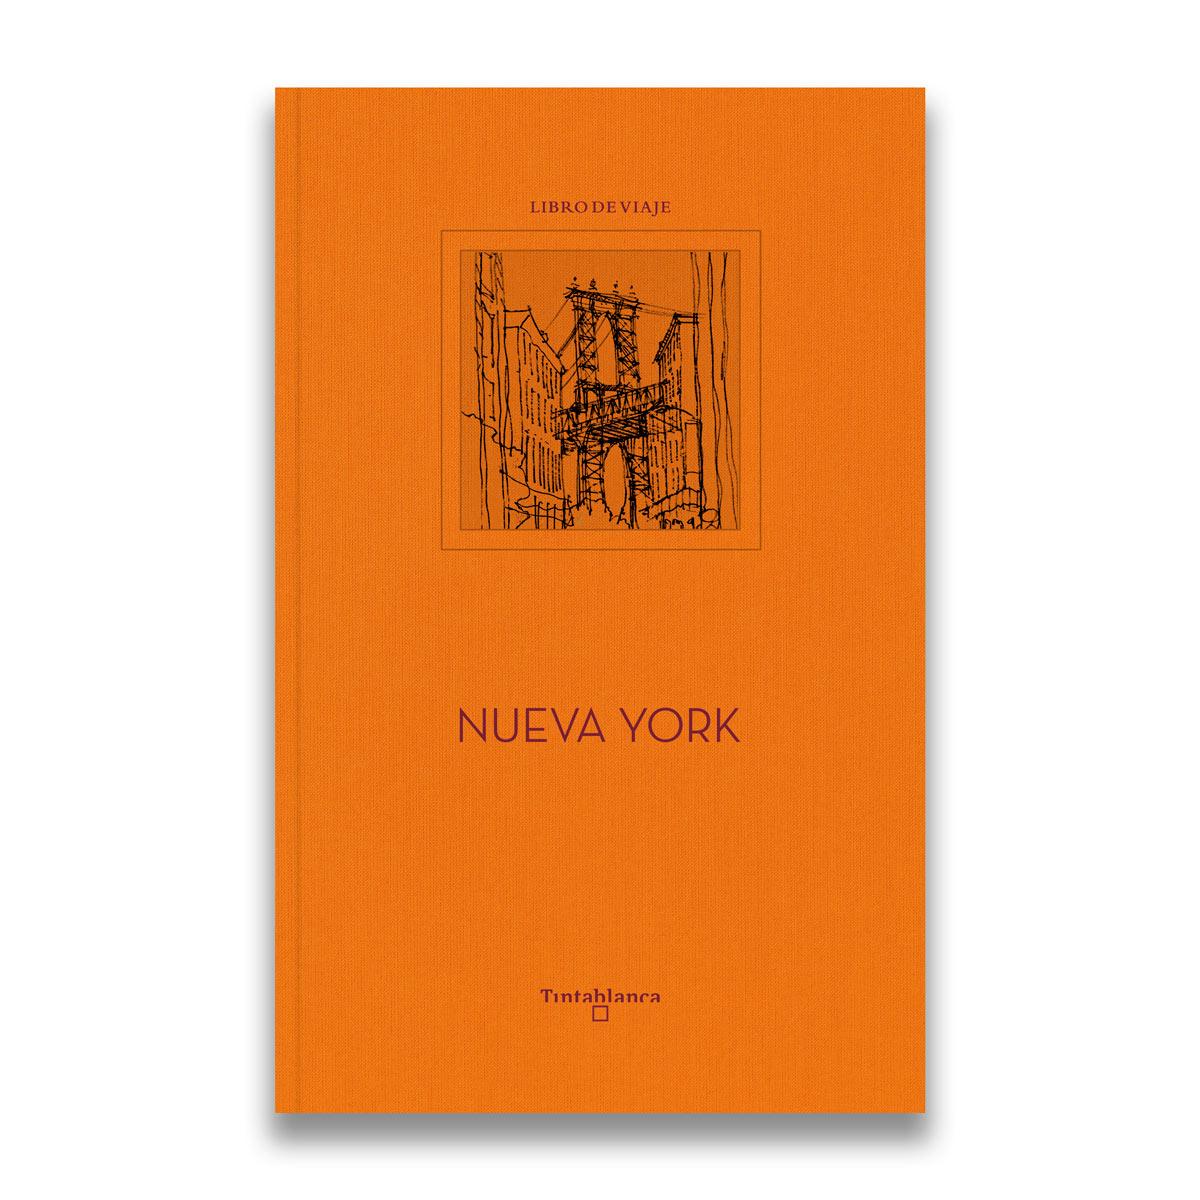 Nueva York - Libro de viaje